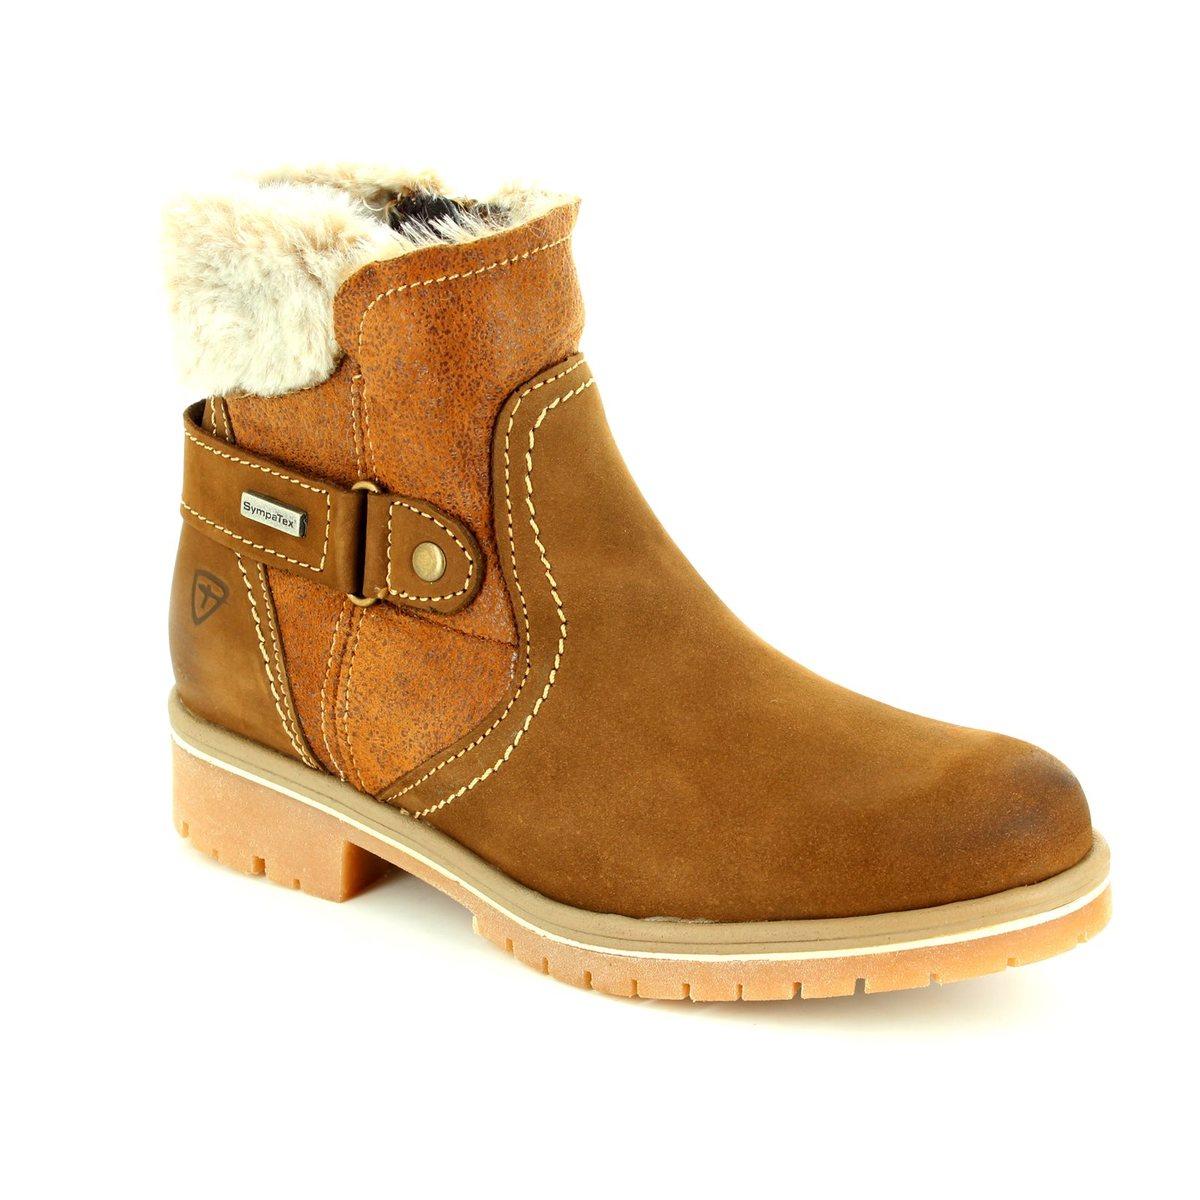 Tamaris Aon Sympatex 26449 304 Brown Multi Ankle Boots Voucher